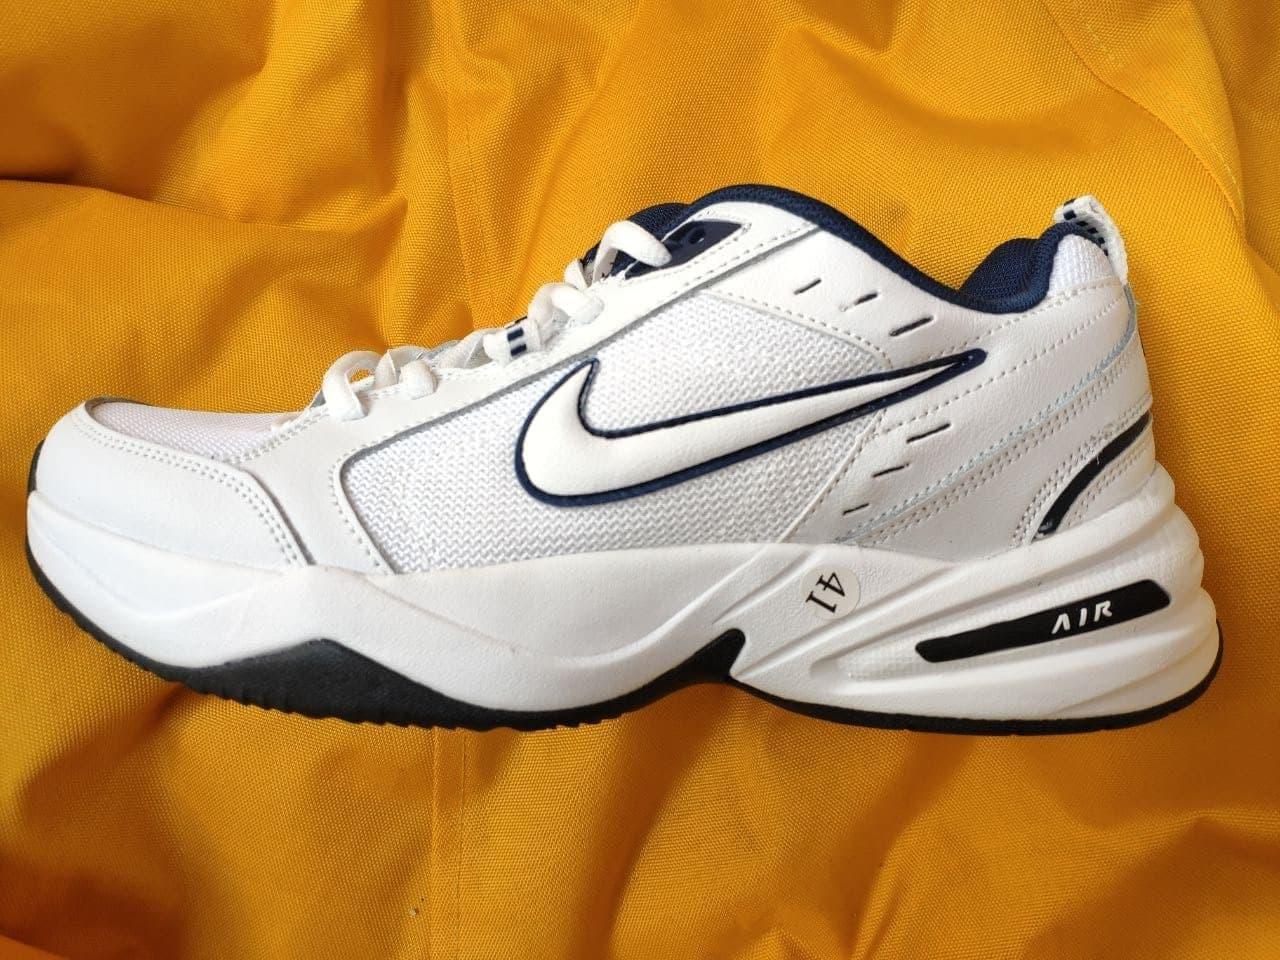 Мужские кроссовки Nike Air Monarch (бело-синие) D111 крутая обувь на летний сезон